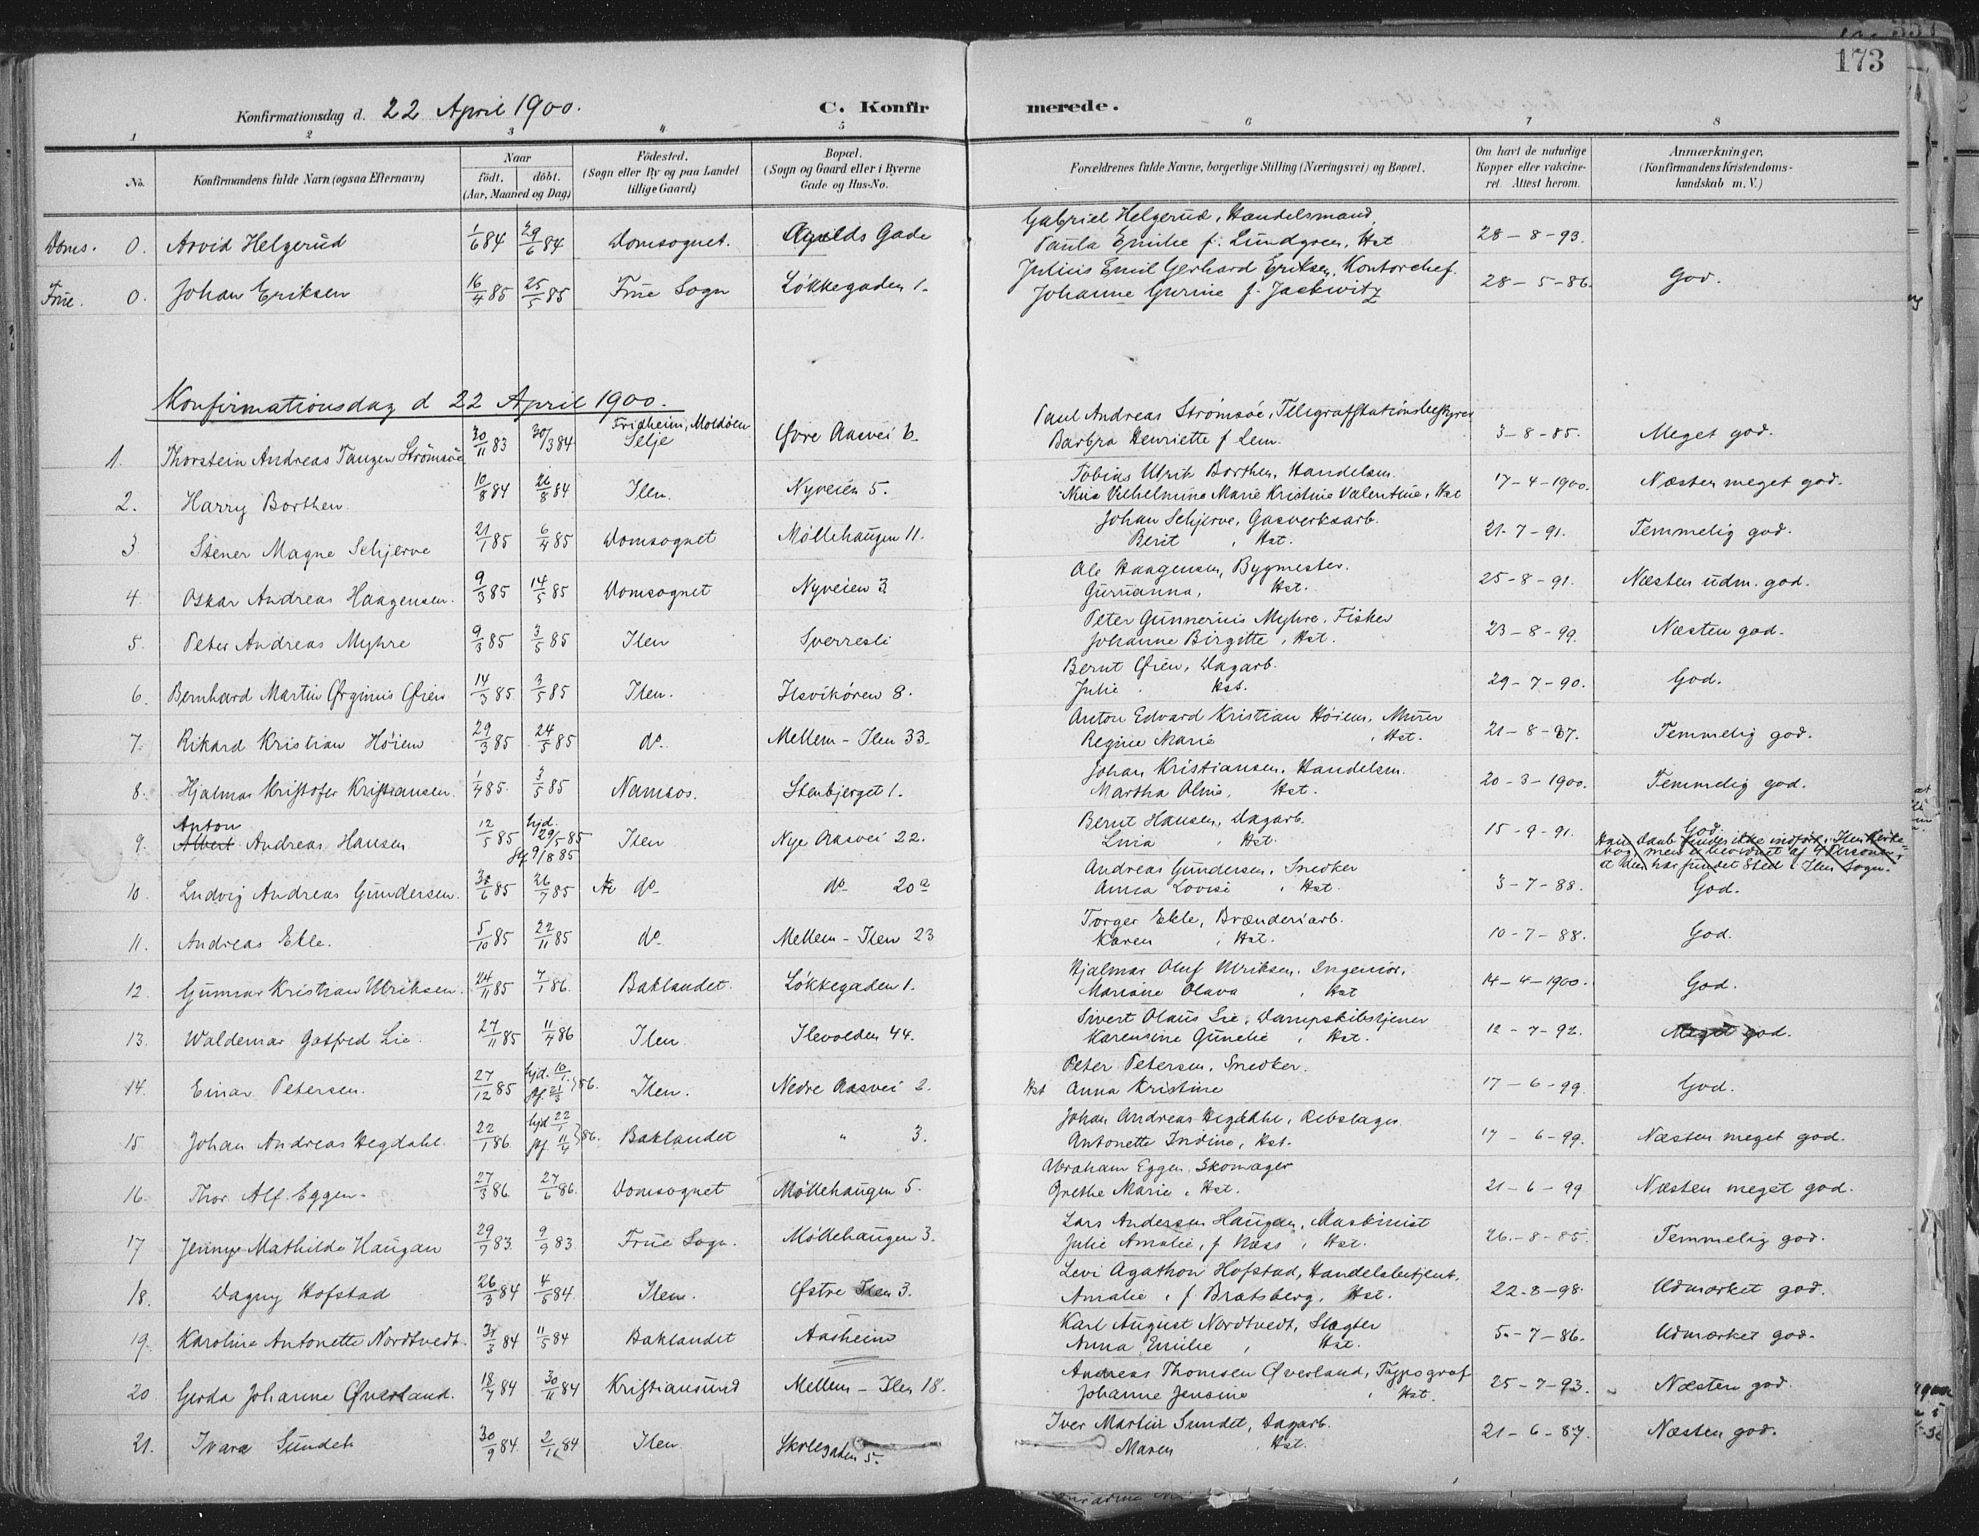 SAT, Ministerialprotokoller, klokkerbøker og fødselsregistre - Sør-Trøndelag, 603/L0167: Ministerialbok nr. 603A06, 1896-1932, s. 173